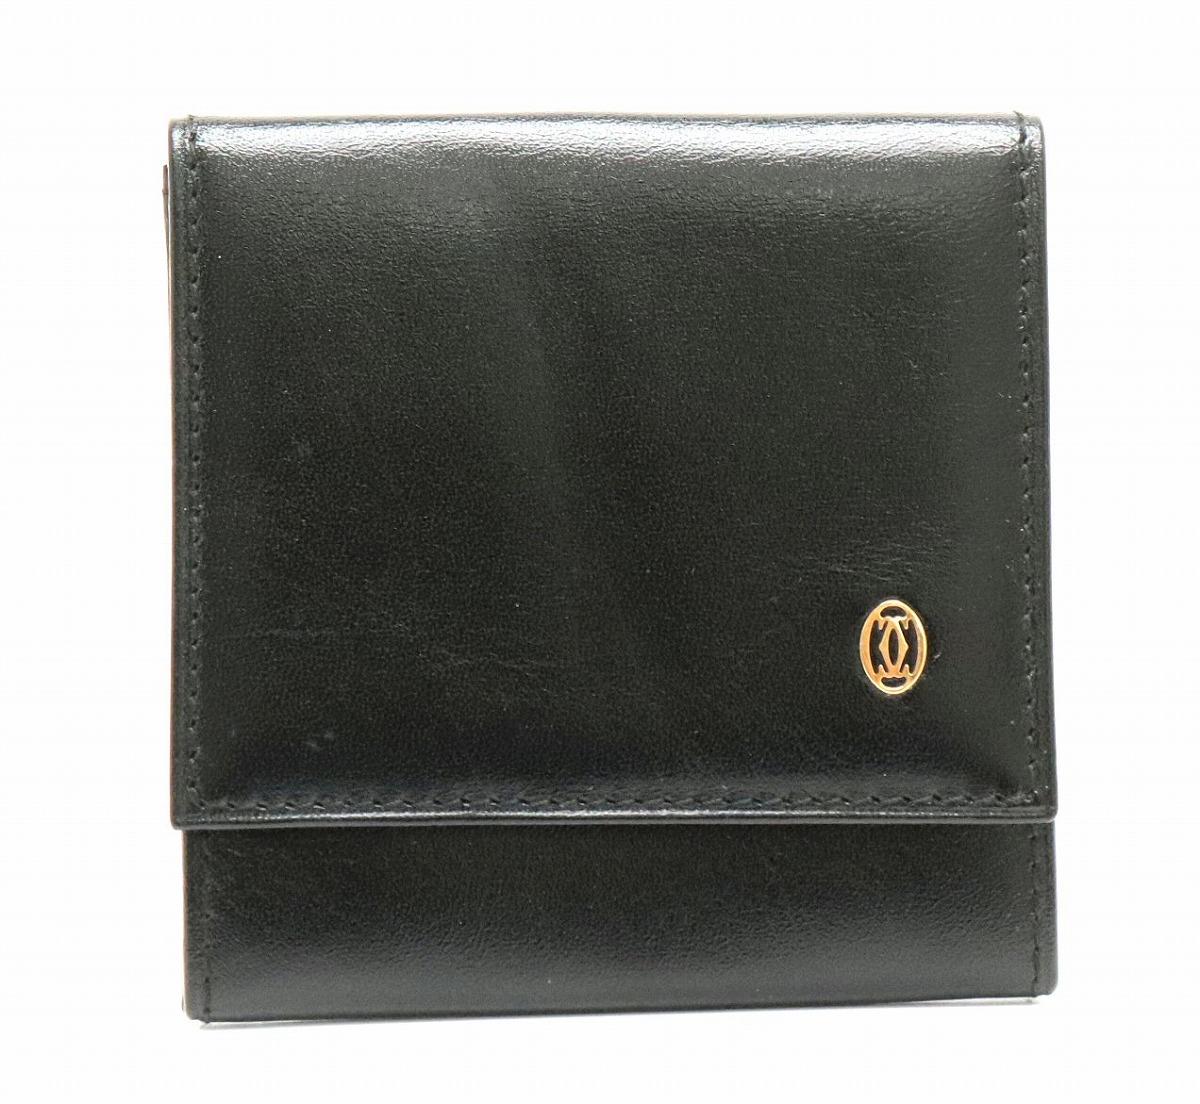 【財布】Cartier カルティエ パシャ コインケース 小銭入れ レザー カーフ 黒 ブラック ゴールド金具 L3000205 【中古】【k】